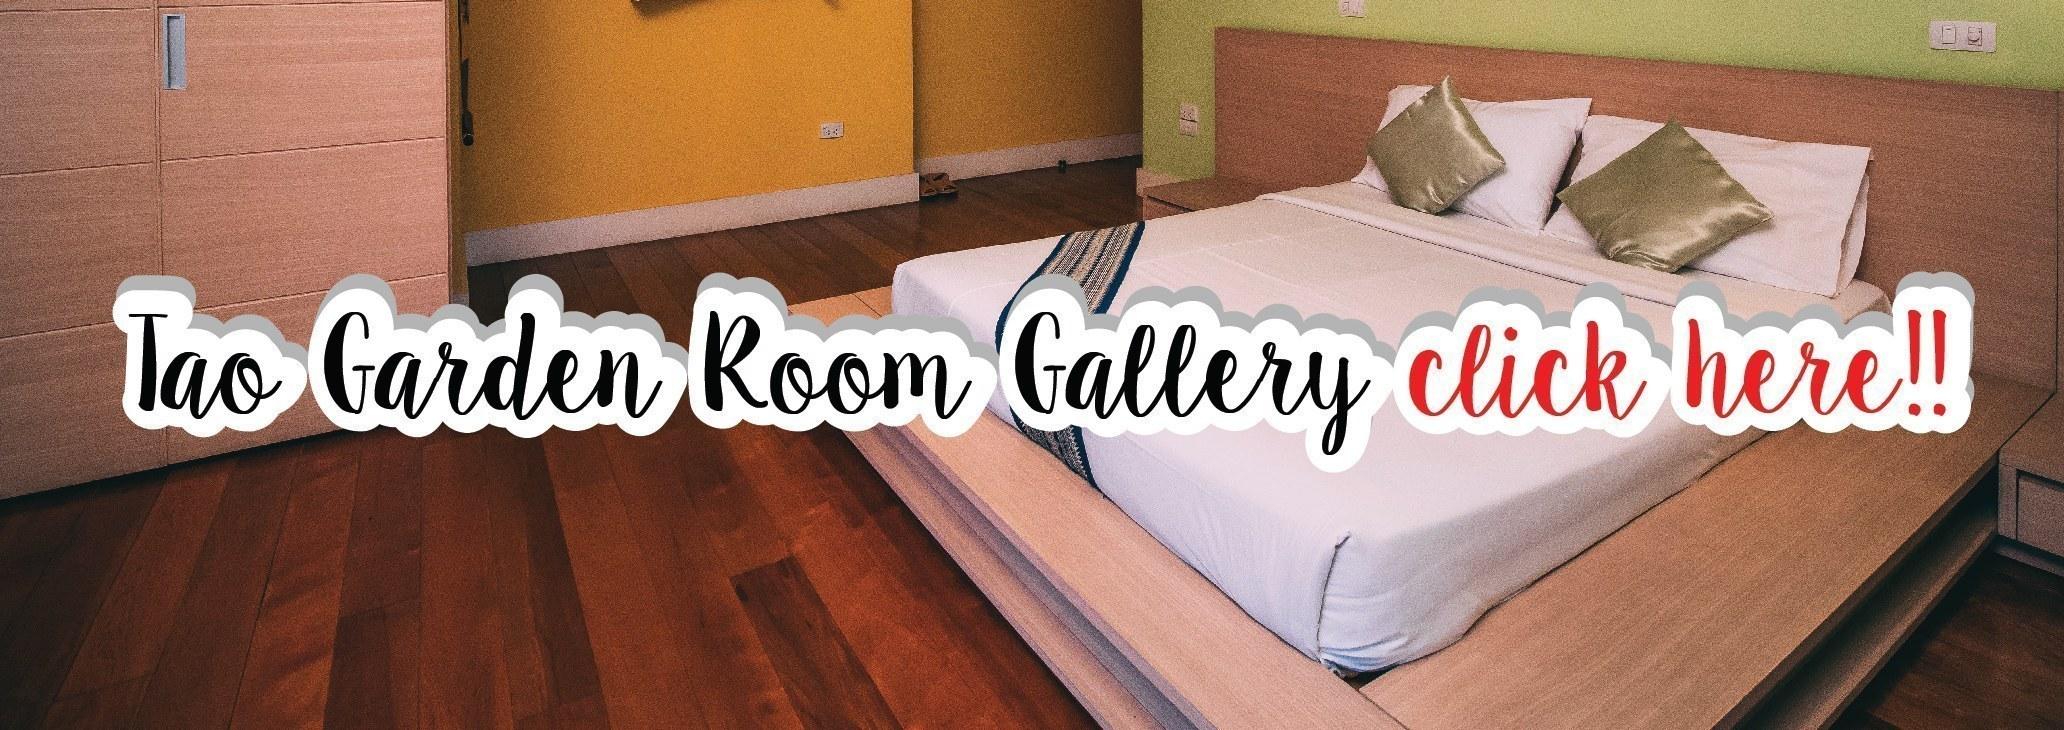 Tao Garden Room Gallery